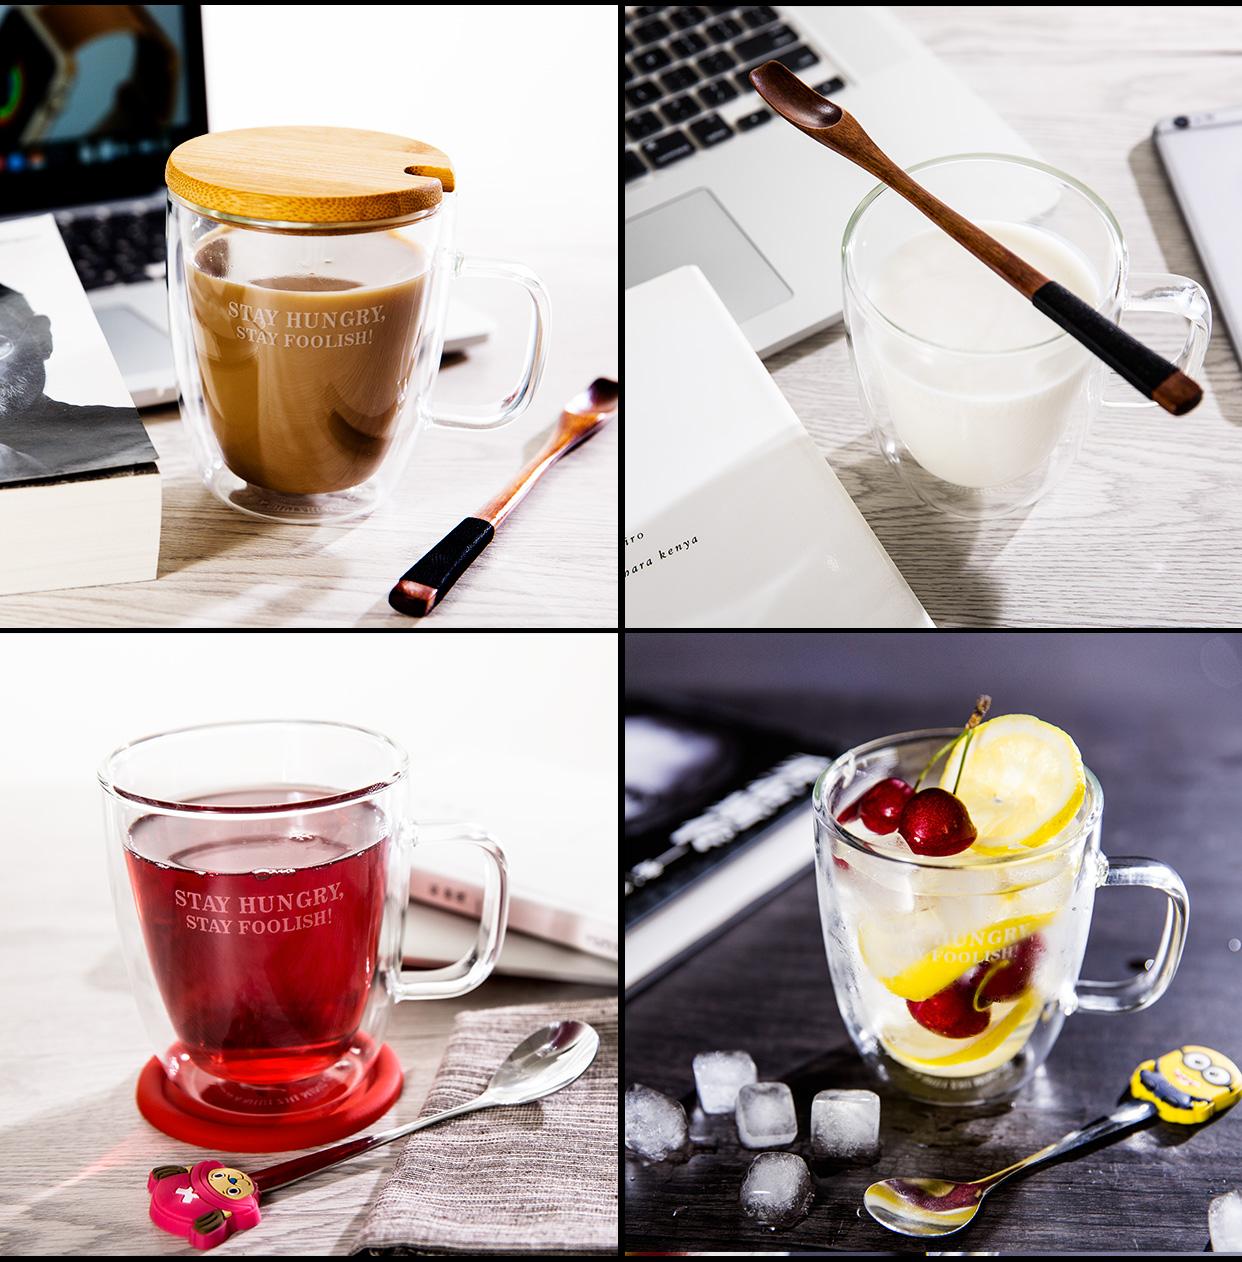 馬克杯帶蓋勺 雙層咖啡杯茶杯家用耐熱水杯 情侶玻璃杯子一對